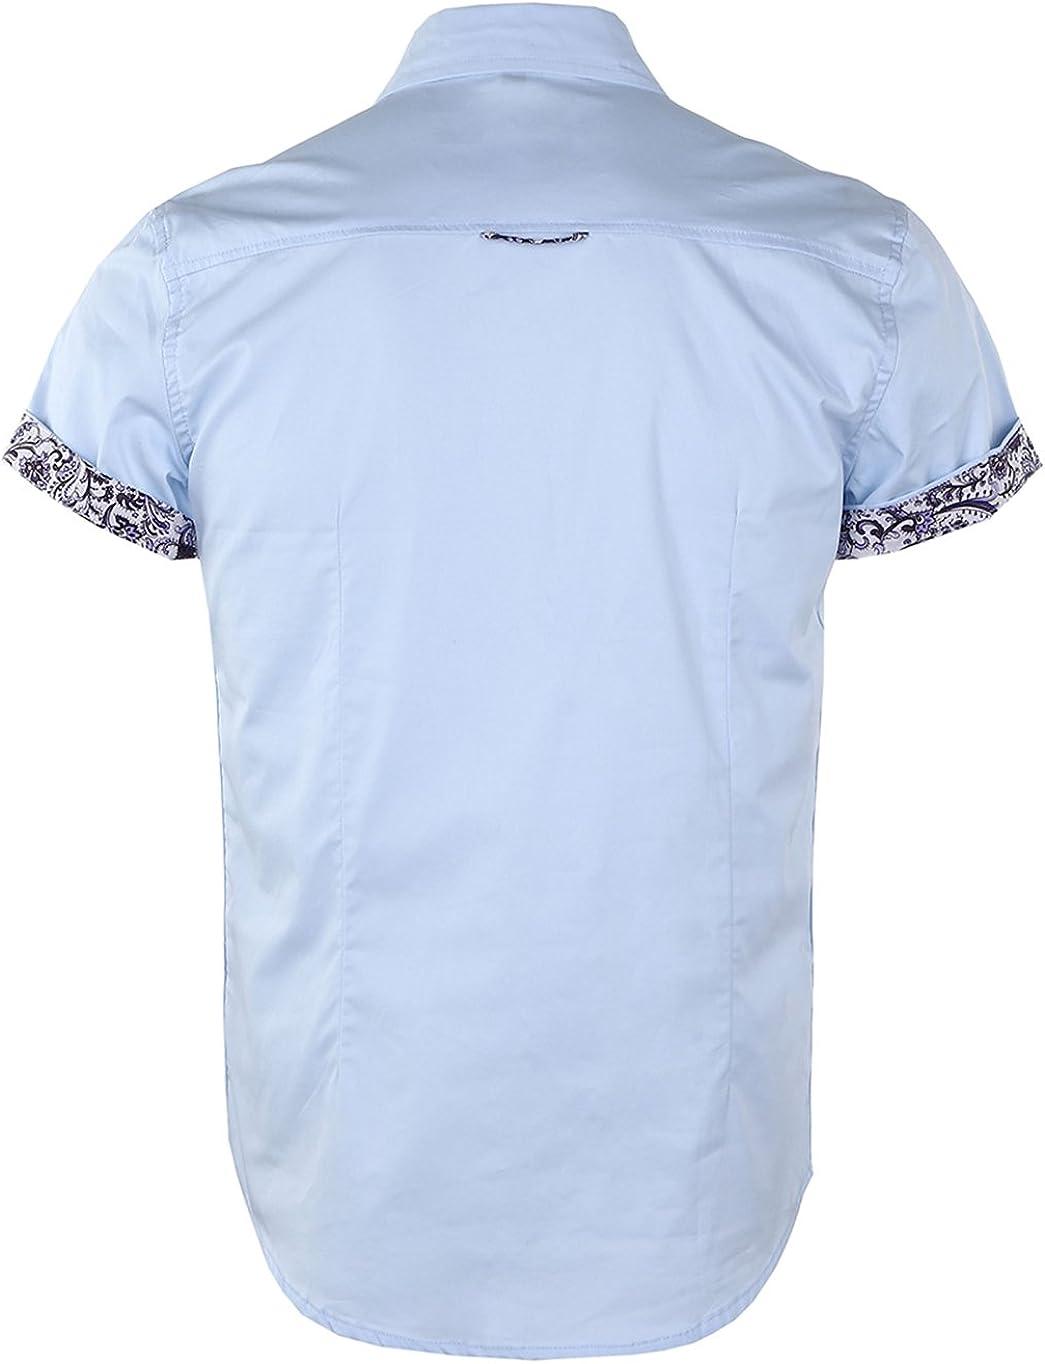 Jandukar Mens Floral Shirts Short Sleeve Print Dress Shirt Button Down Summer Casual Shirt, XX-Large, SkyBlue